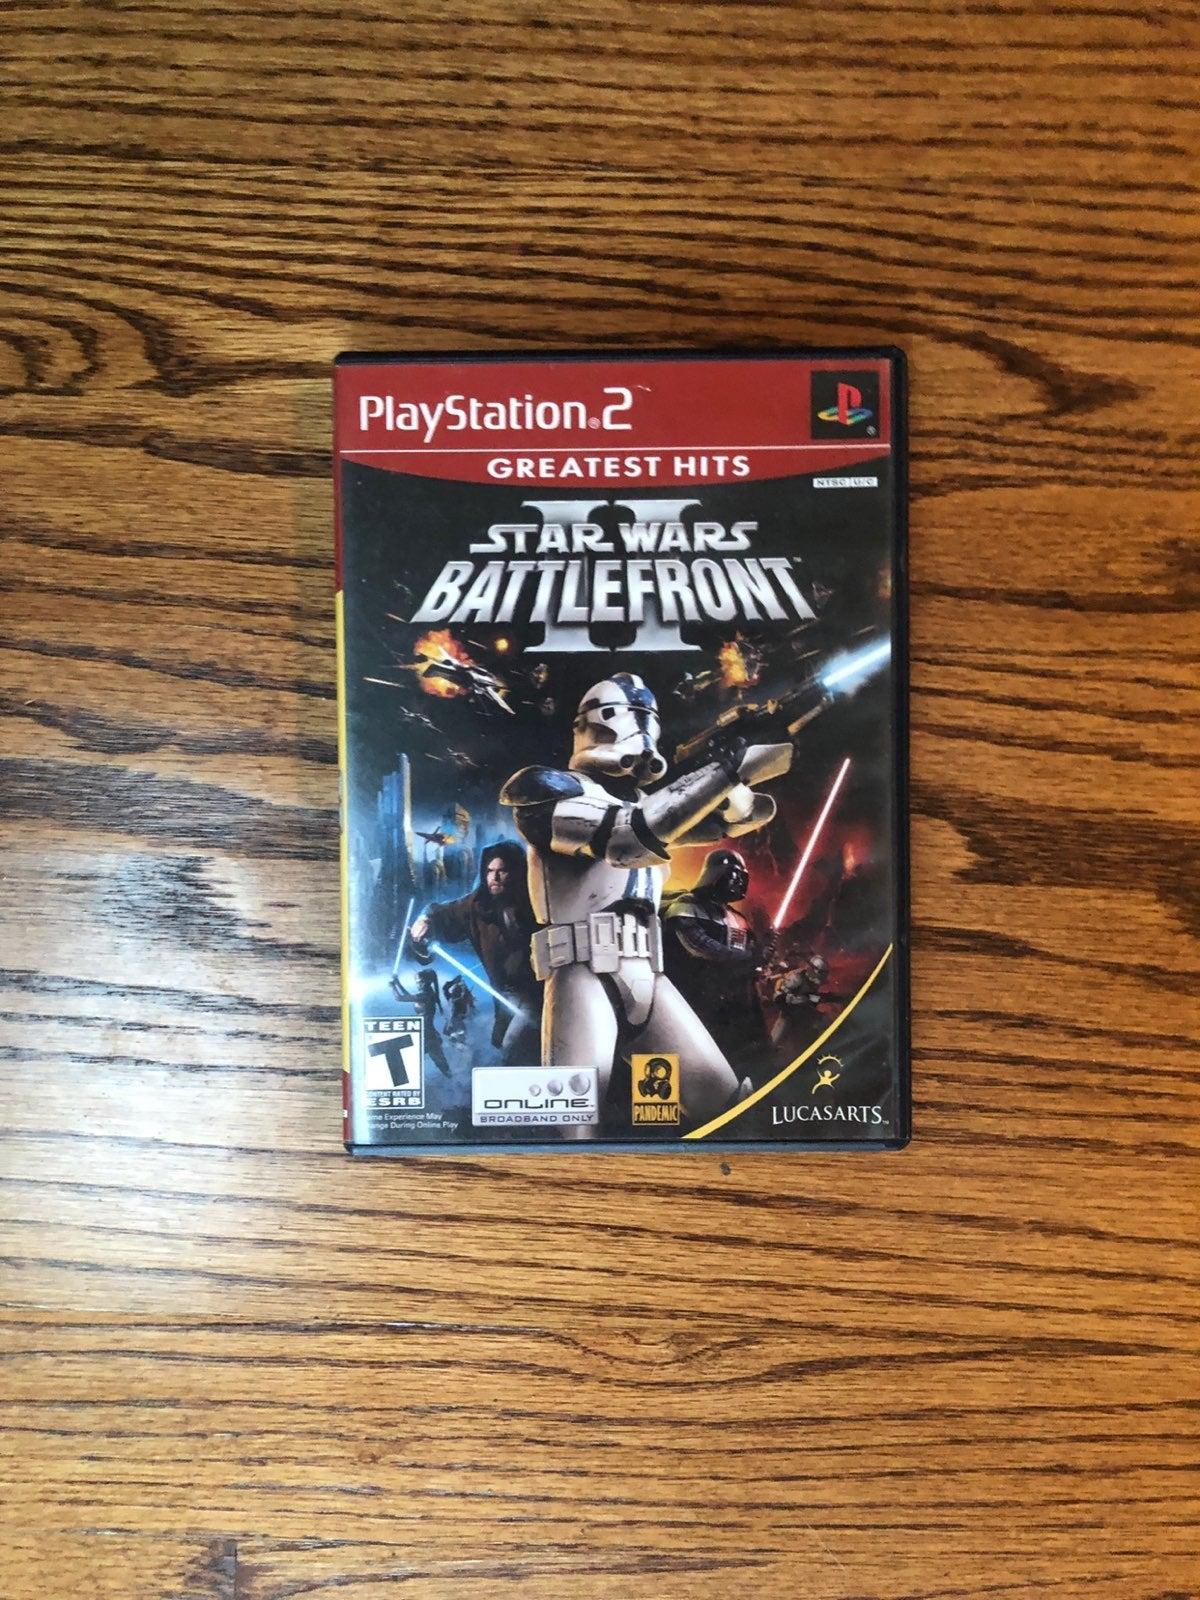 Star Wars Battlefront 2 for PS2